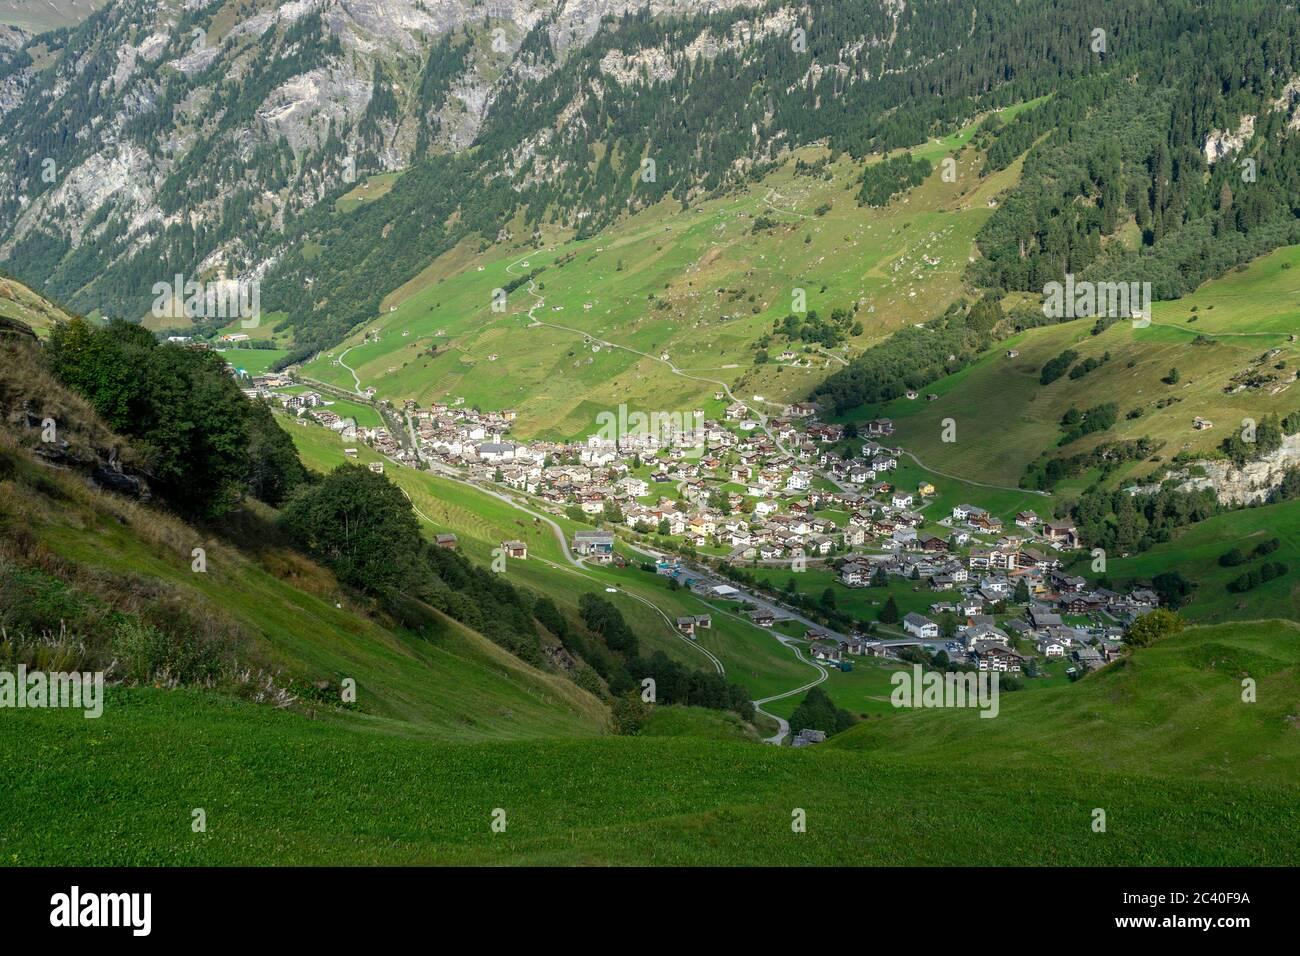 Das Dorf Vals im Valser Tal, Graubünden Stock Photo